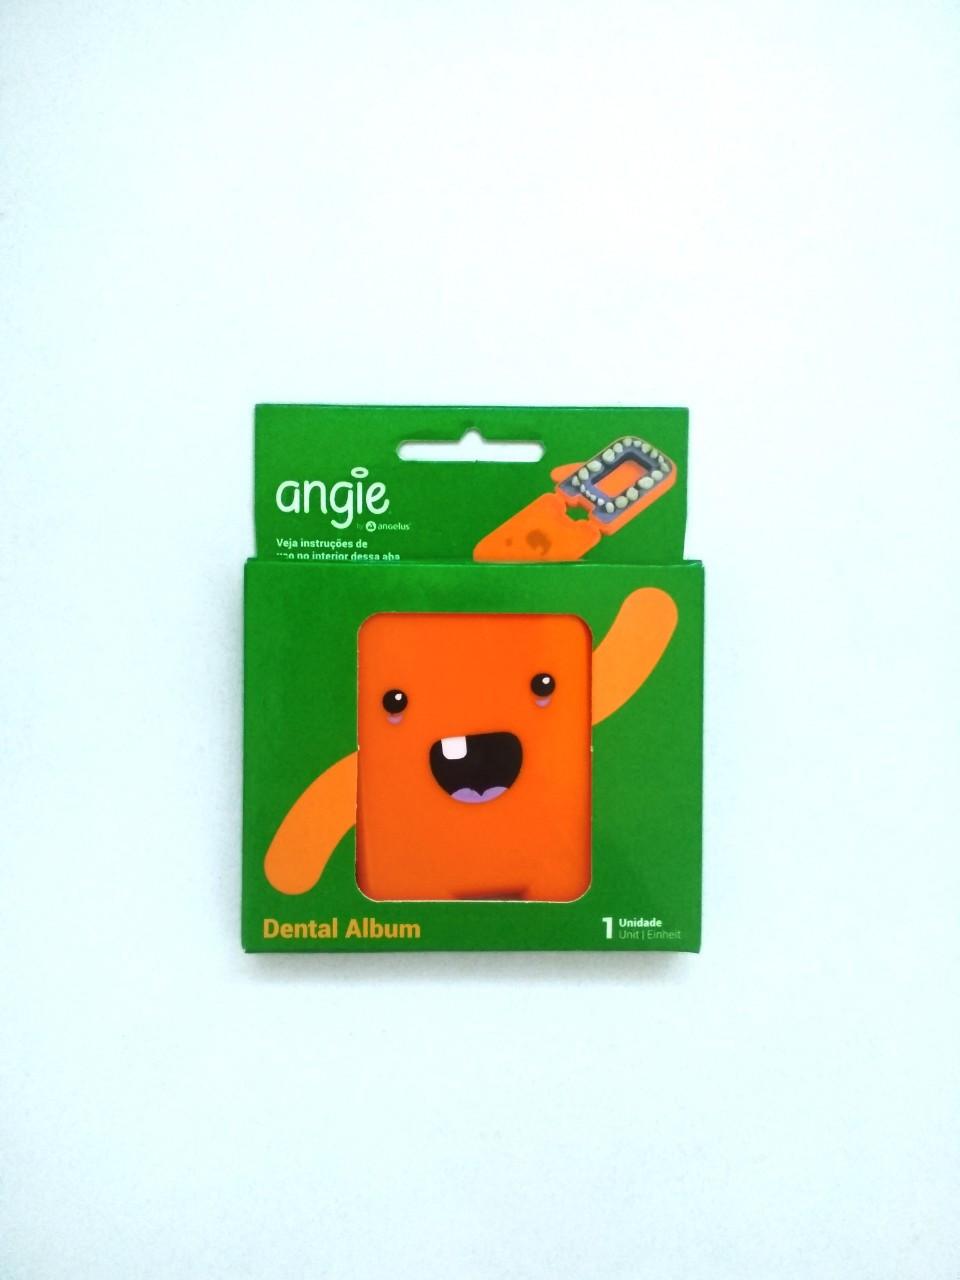 Альбом для молочних зубчиків Angie - 1 шт/уп., помаранчевий